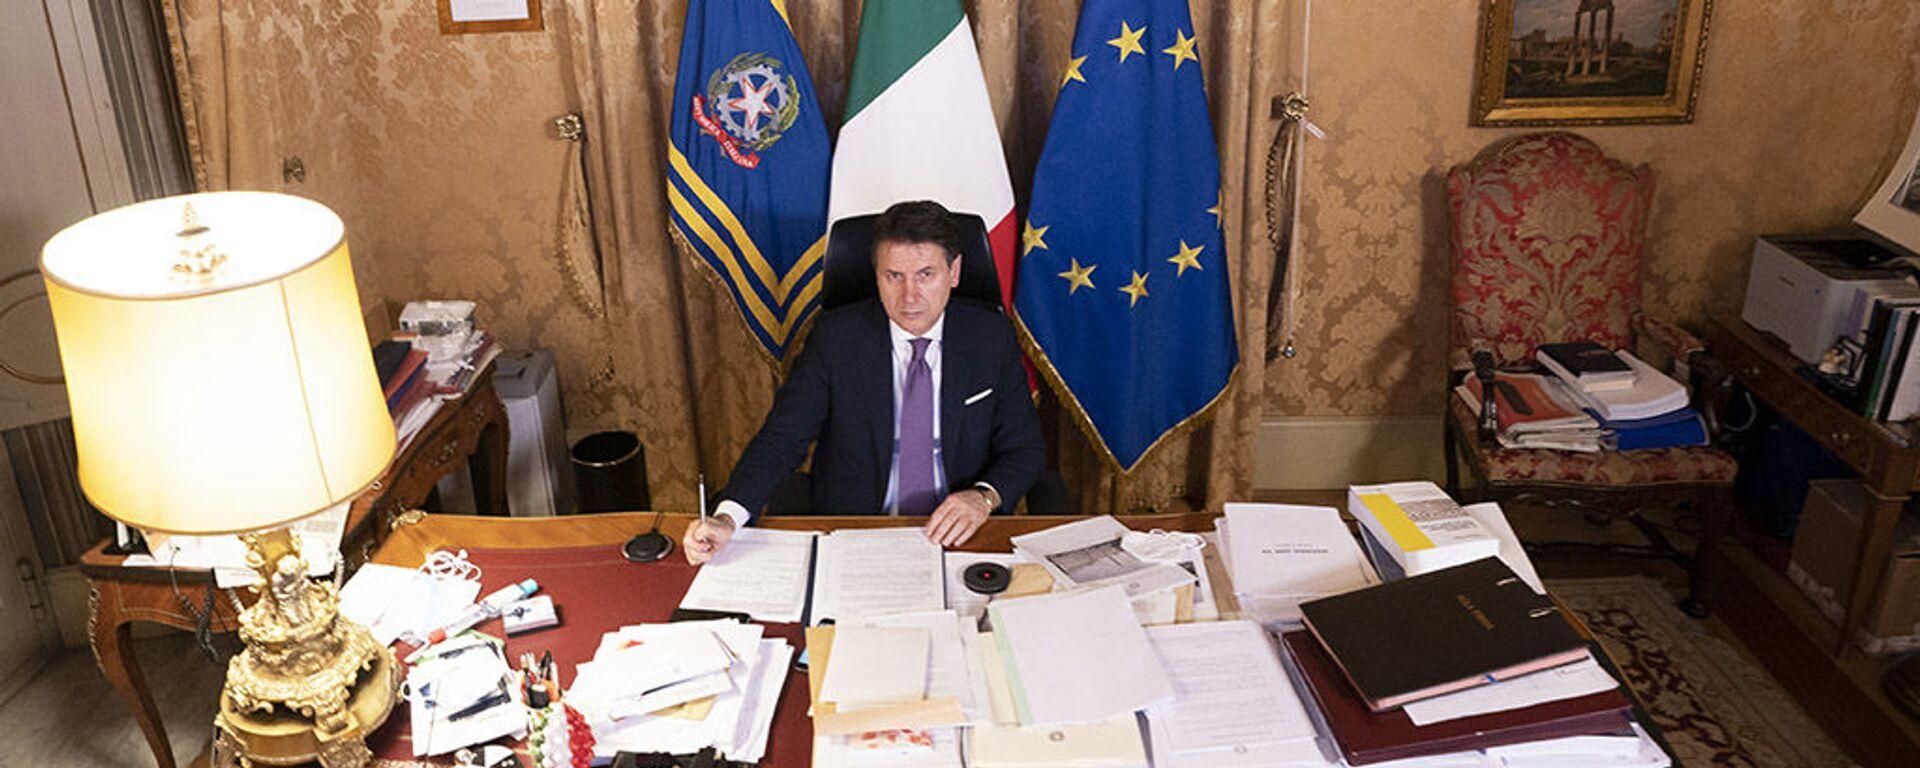 Giuseppe Conte a Palazzo Chigi - Sputnik Italia, 1920, 03.02.2021